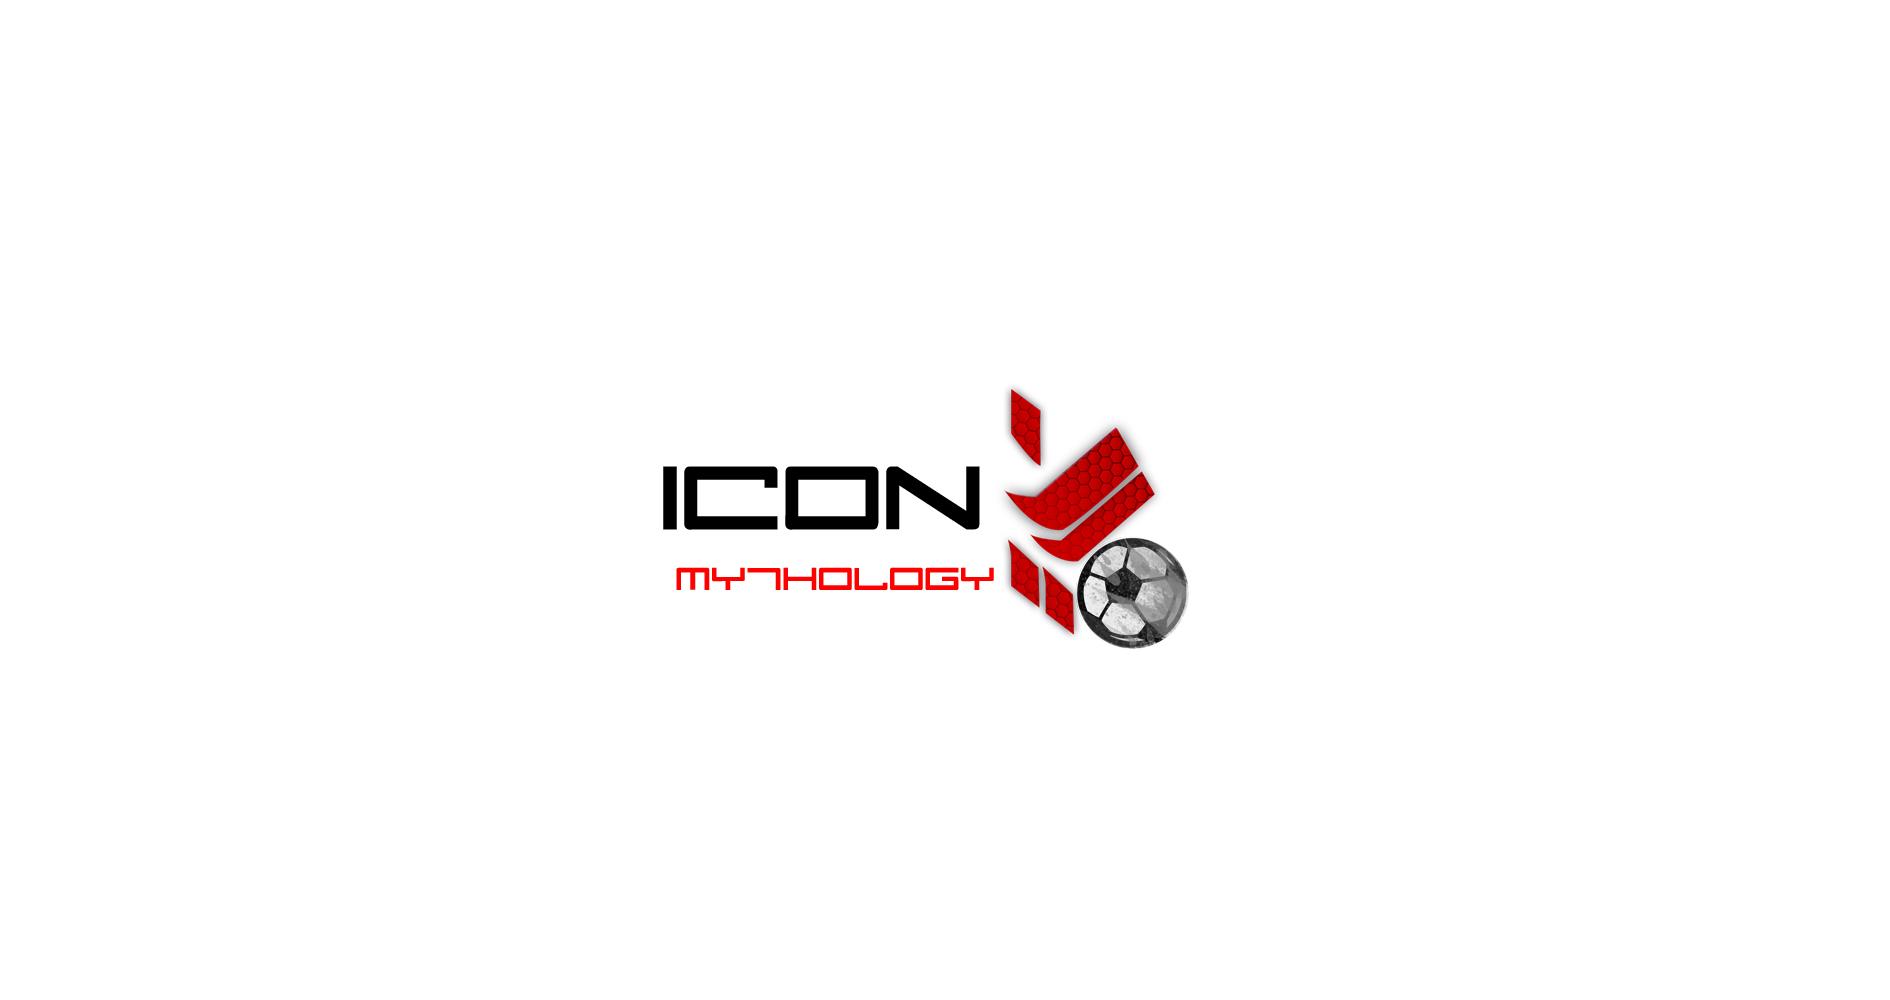 Icon Mythology